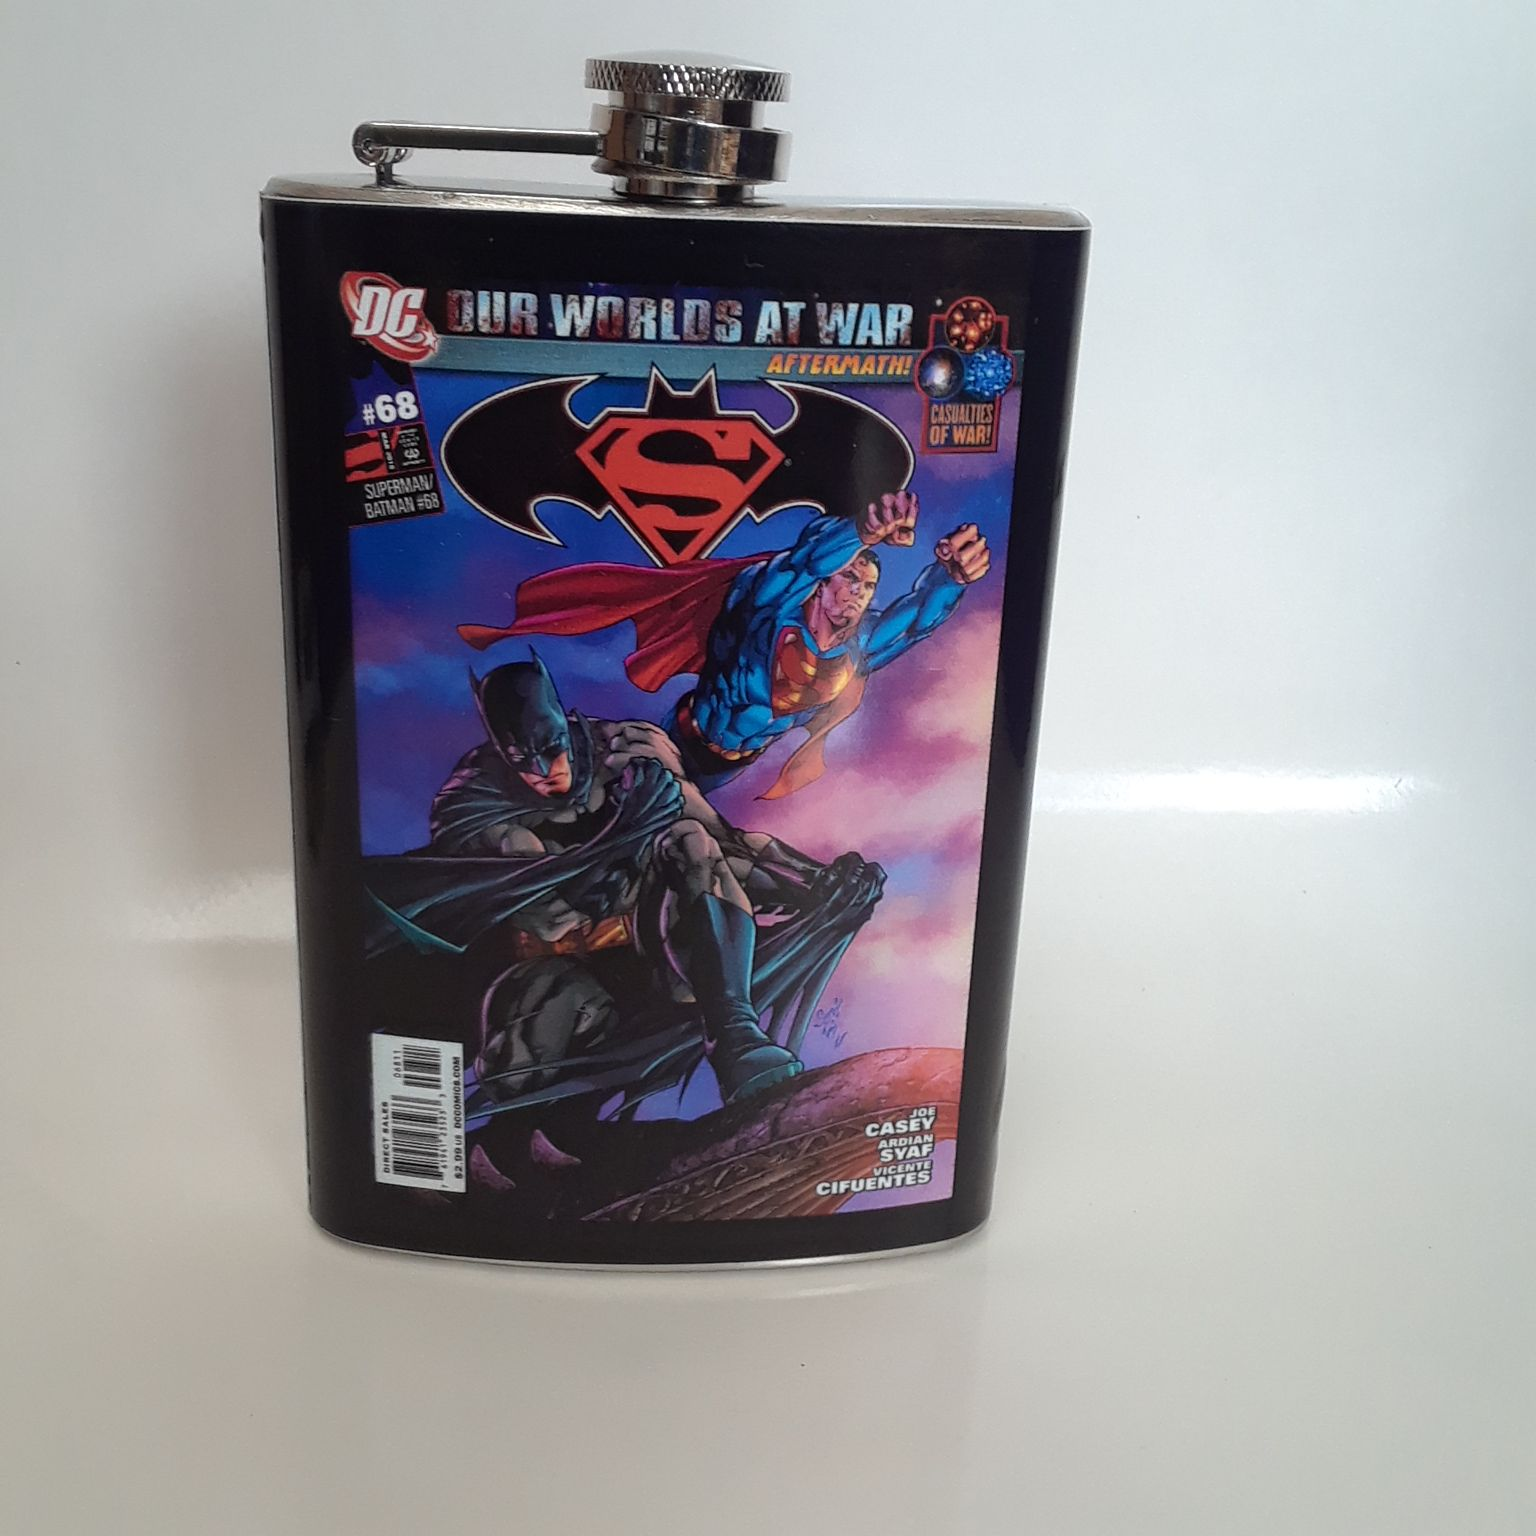 Batman/Superman #68 Vinyl Wrap 8oz Flask